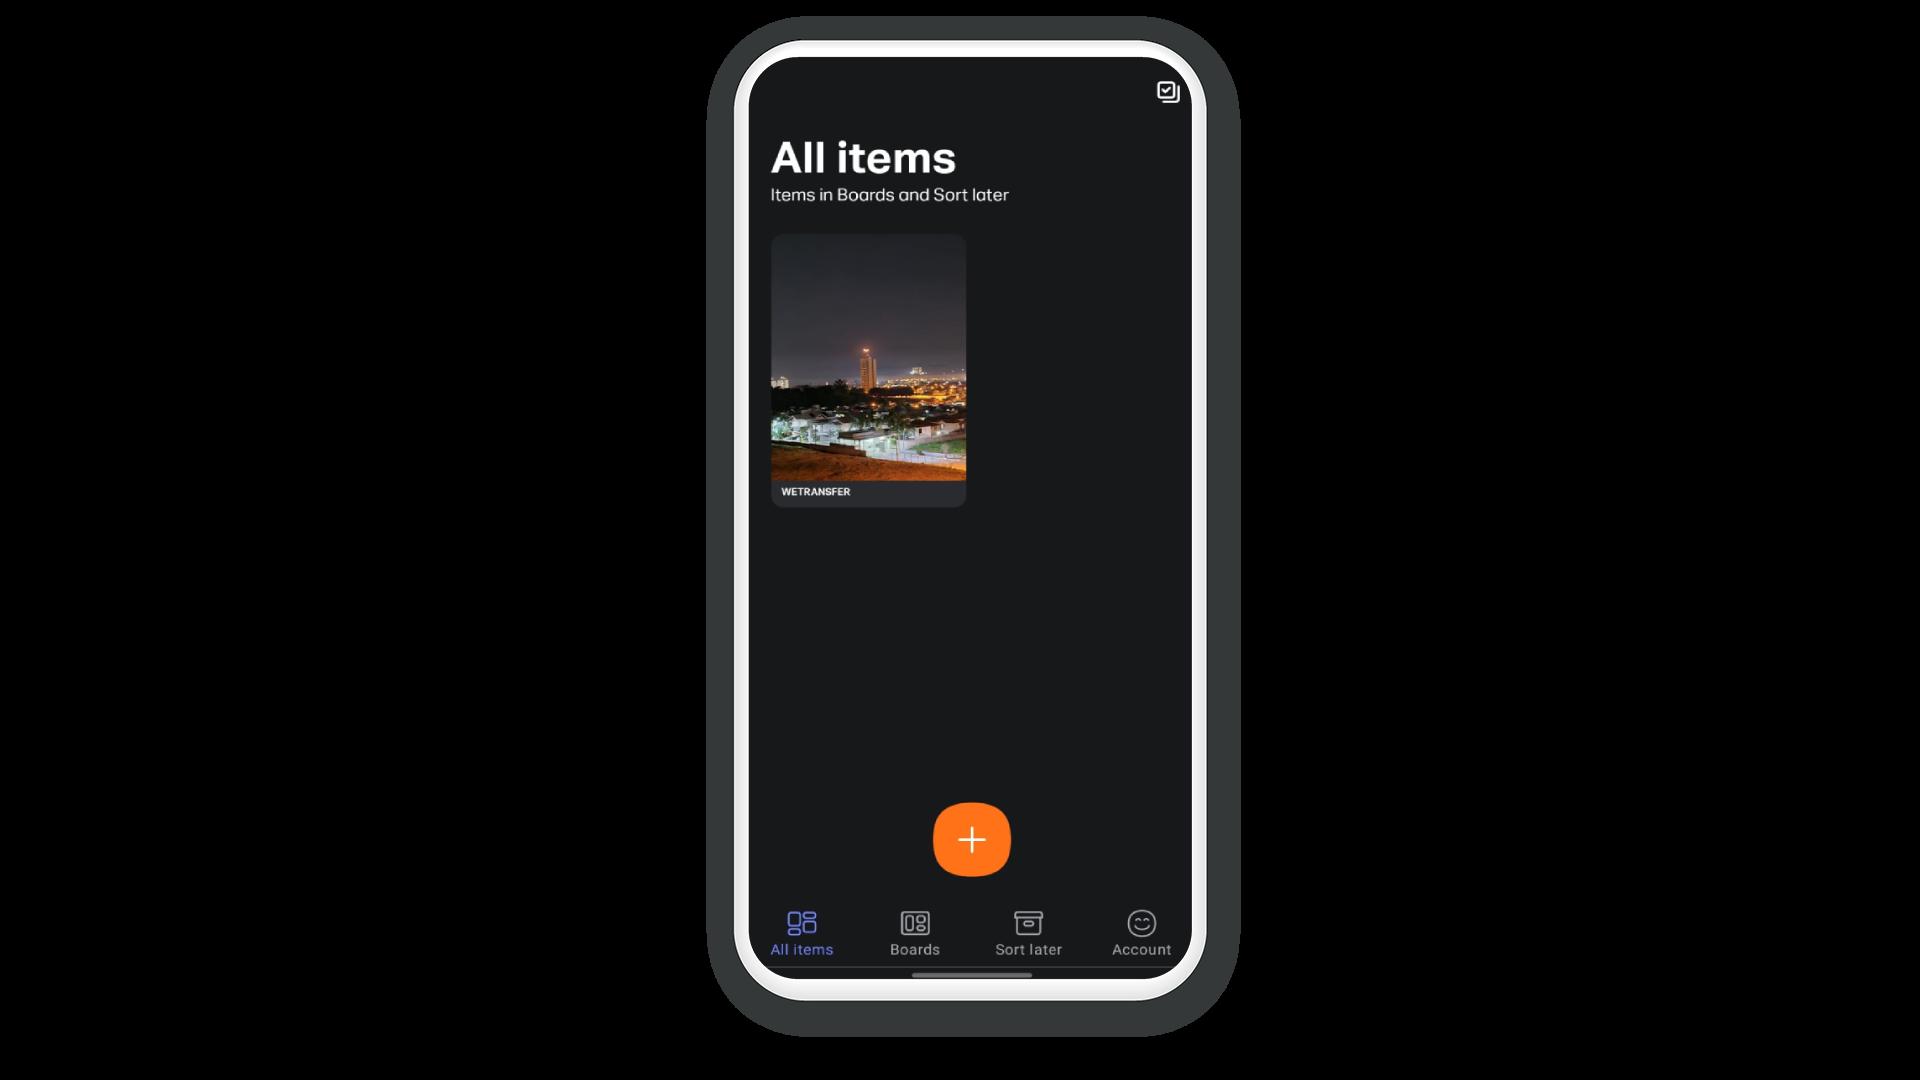 Pasta do WeTransfer com os arquivos selecionados na galeria pessoal do celular.